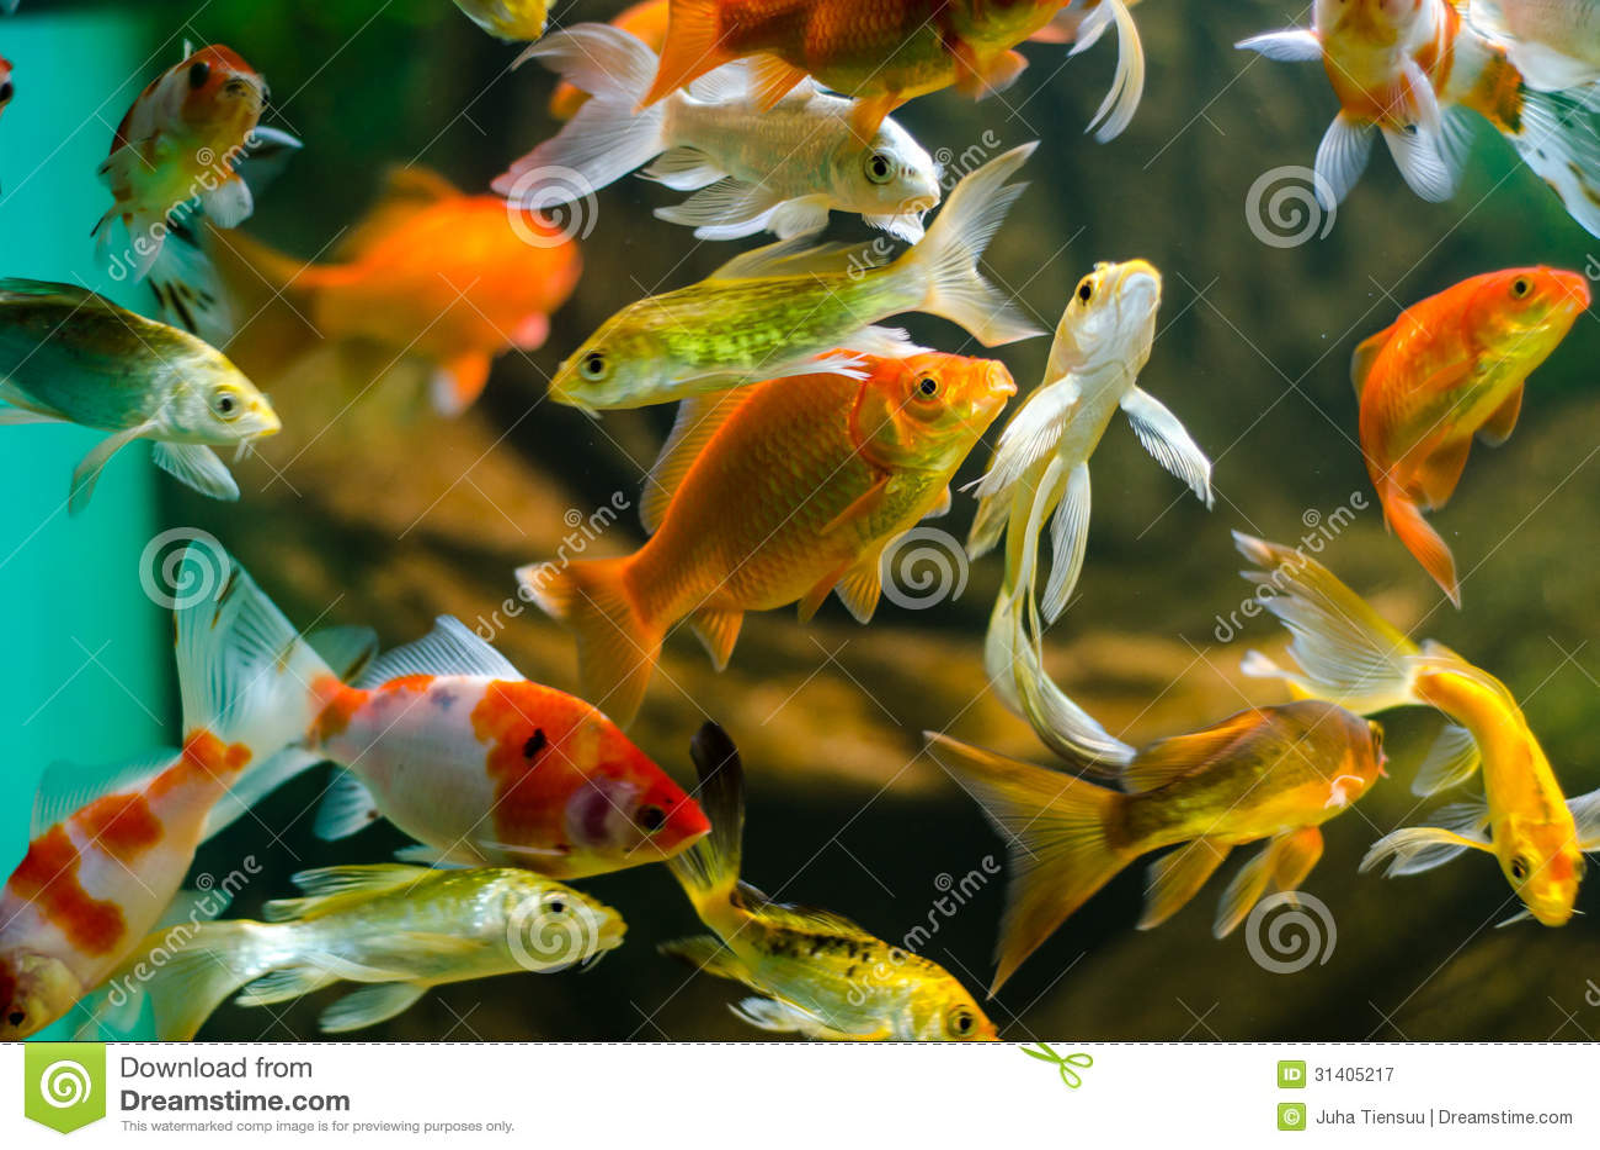 Koi y carpa en acuario fotograf a de archivo libre de for Carpas para acuario